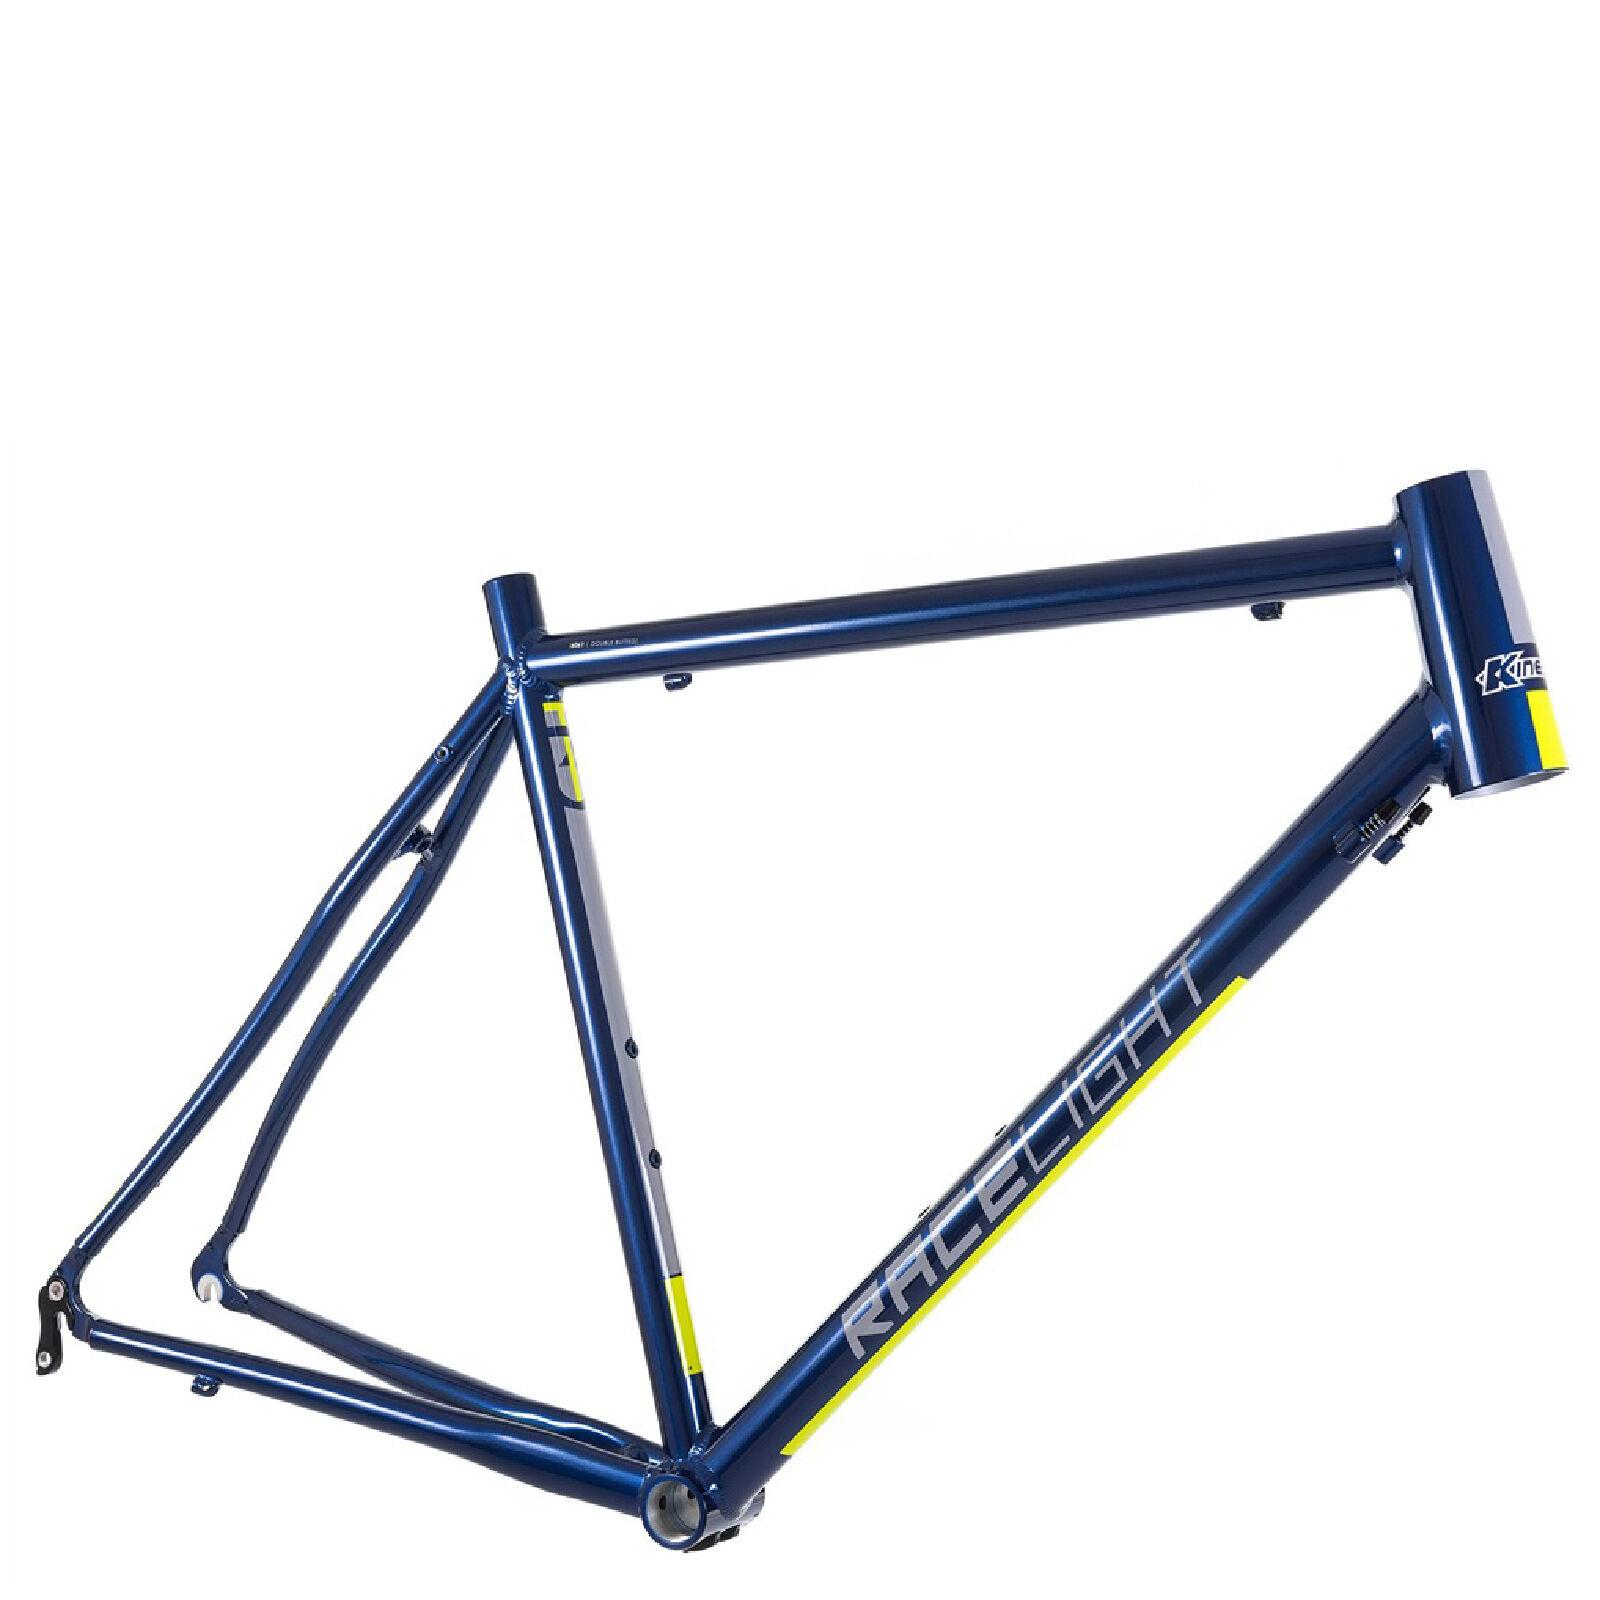 Kinesis Racelight T3 Frame - Blue - 51cm - Blue